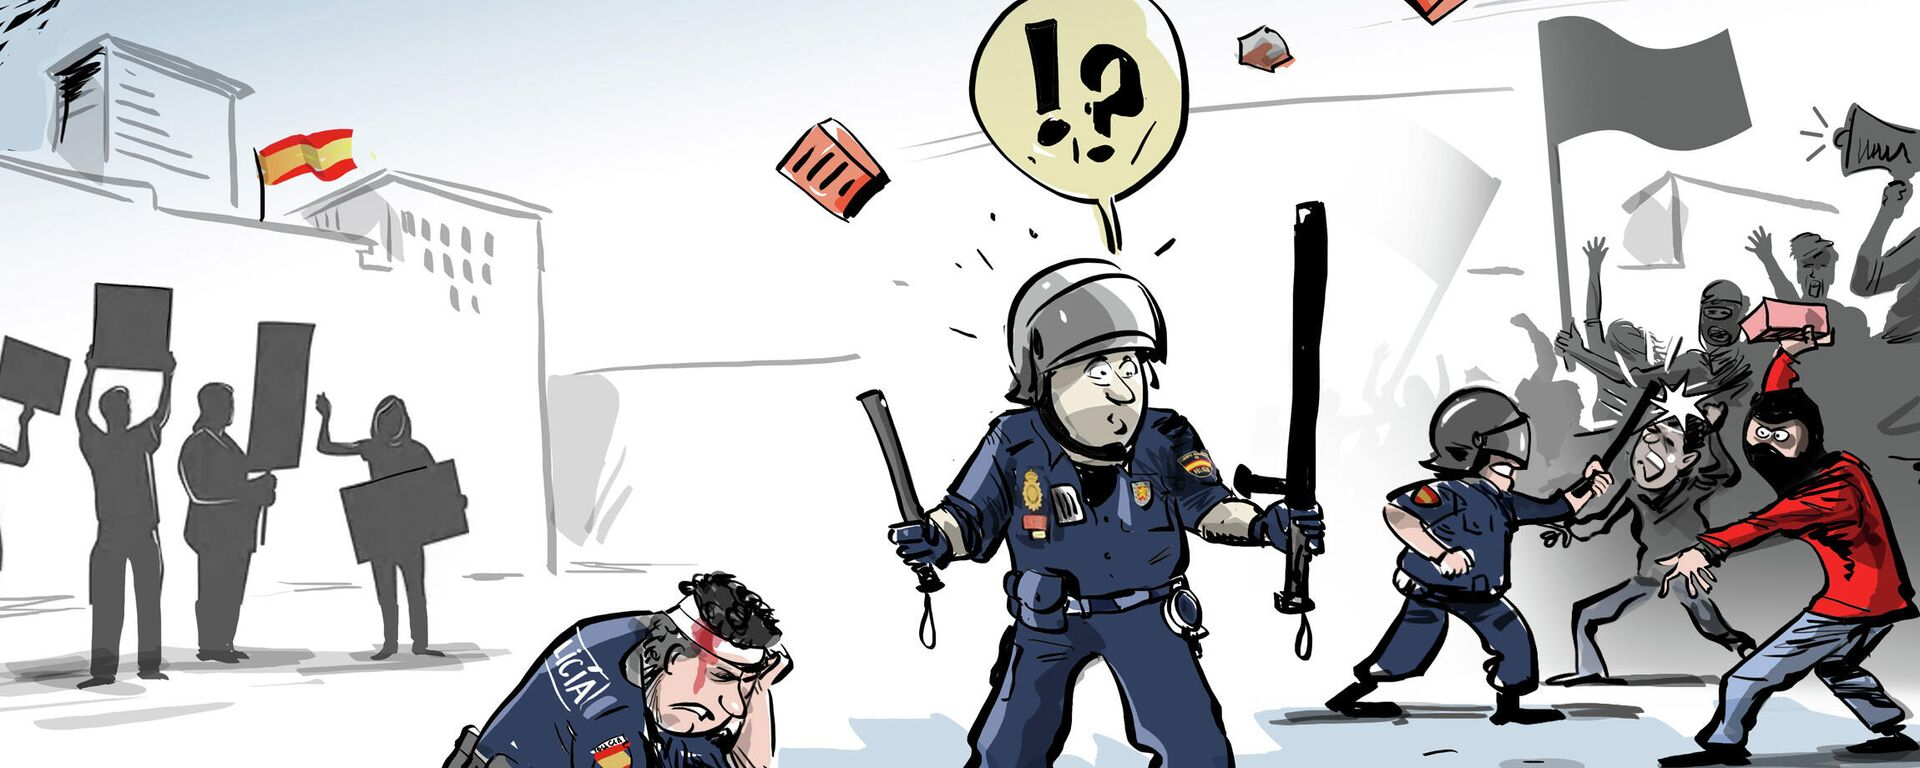 Protestas en España por el encarcelamiento de Pablo Hasél - Sputnik Mundo, 1920, 18.02.2021